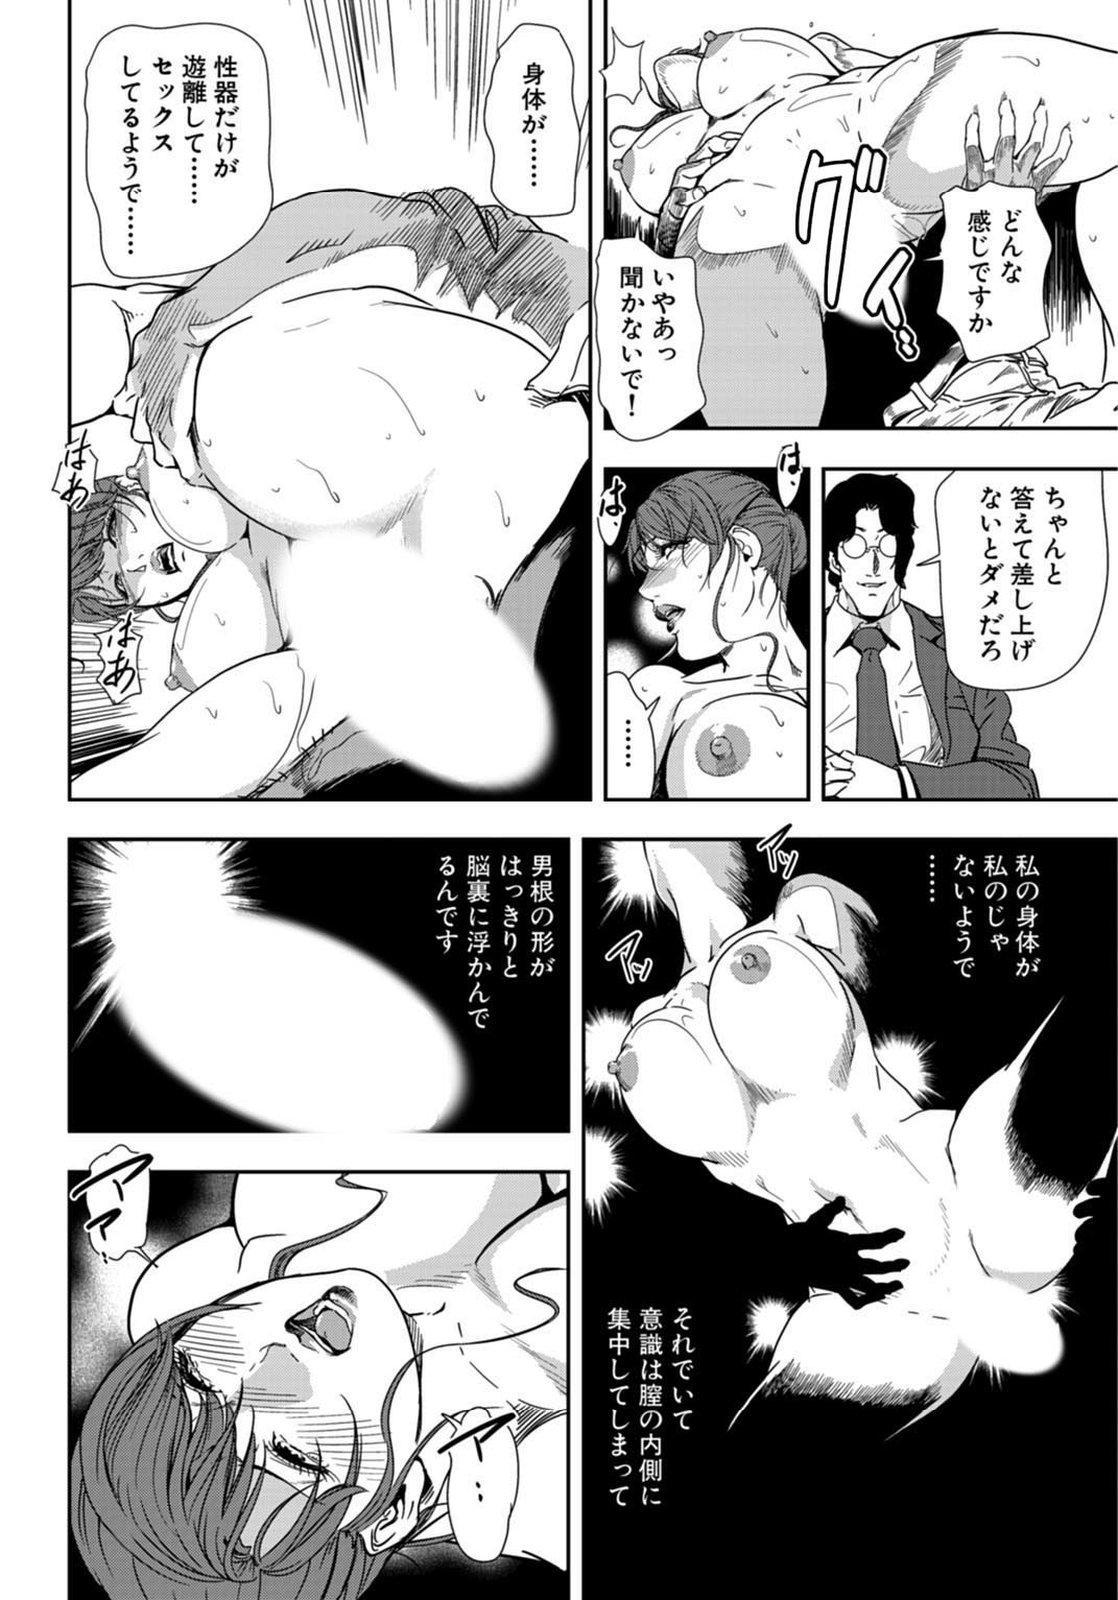 Nikuhisyo Yukiko 21 19